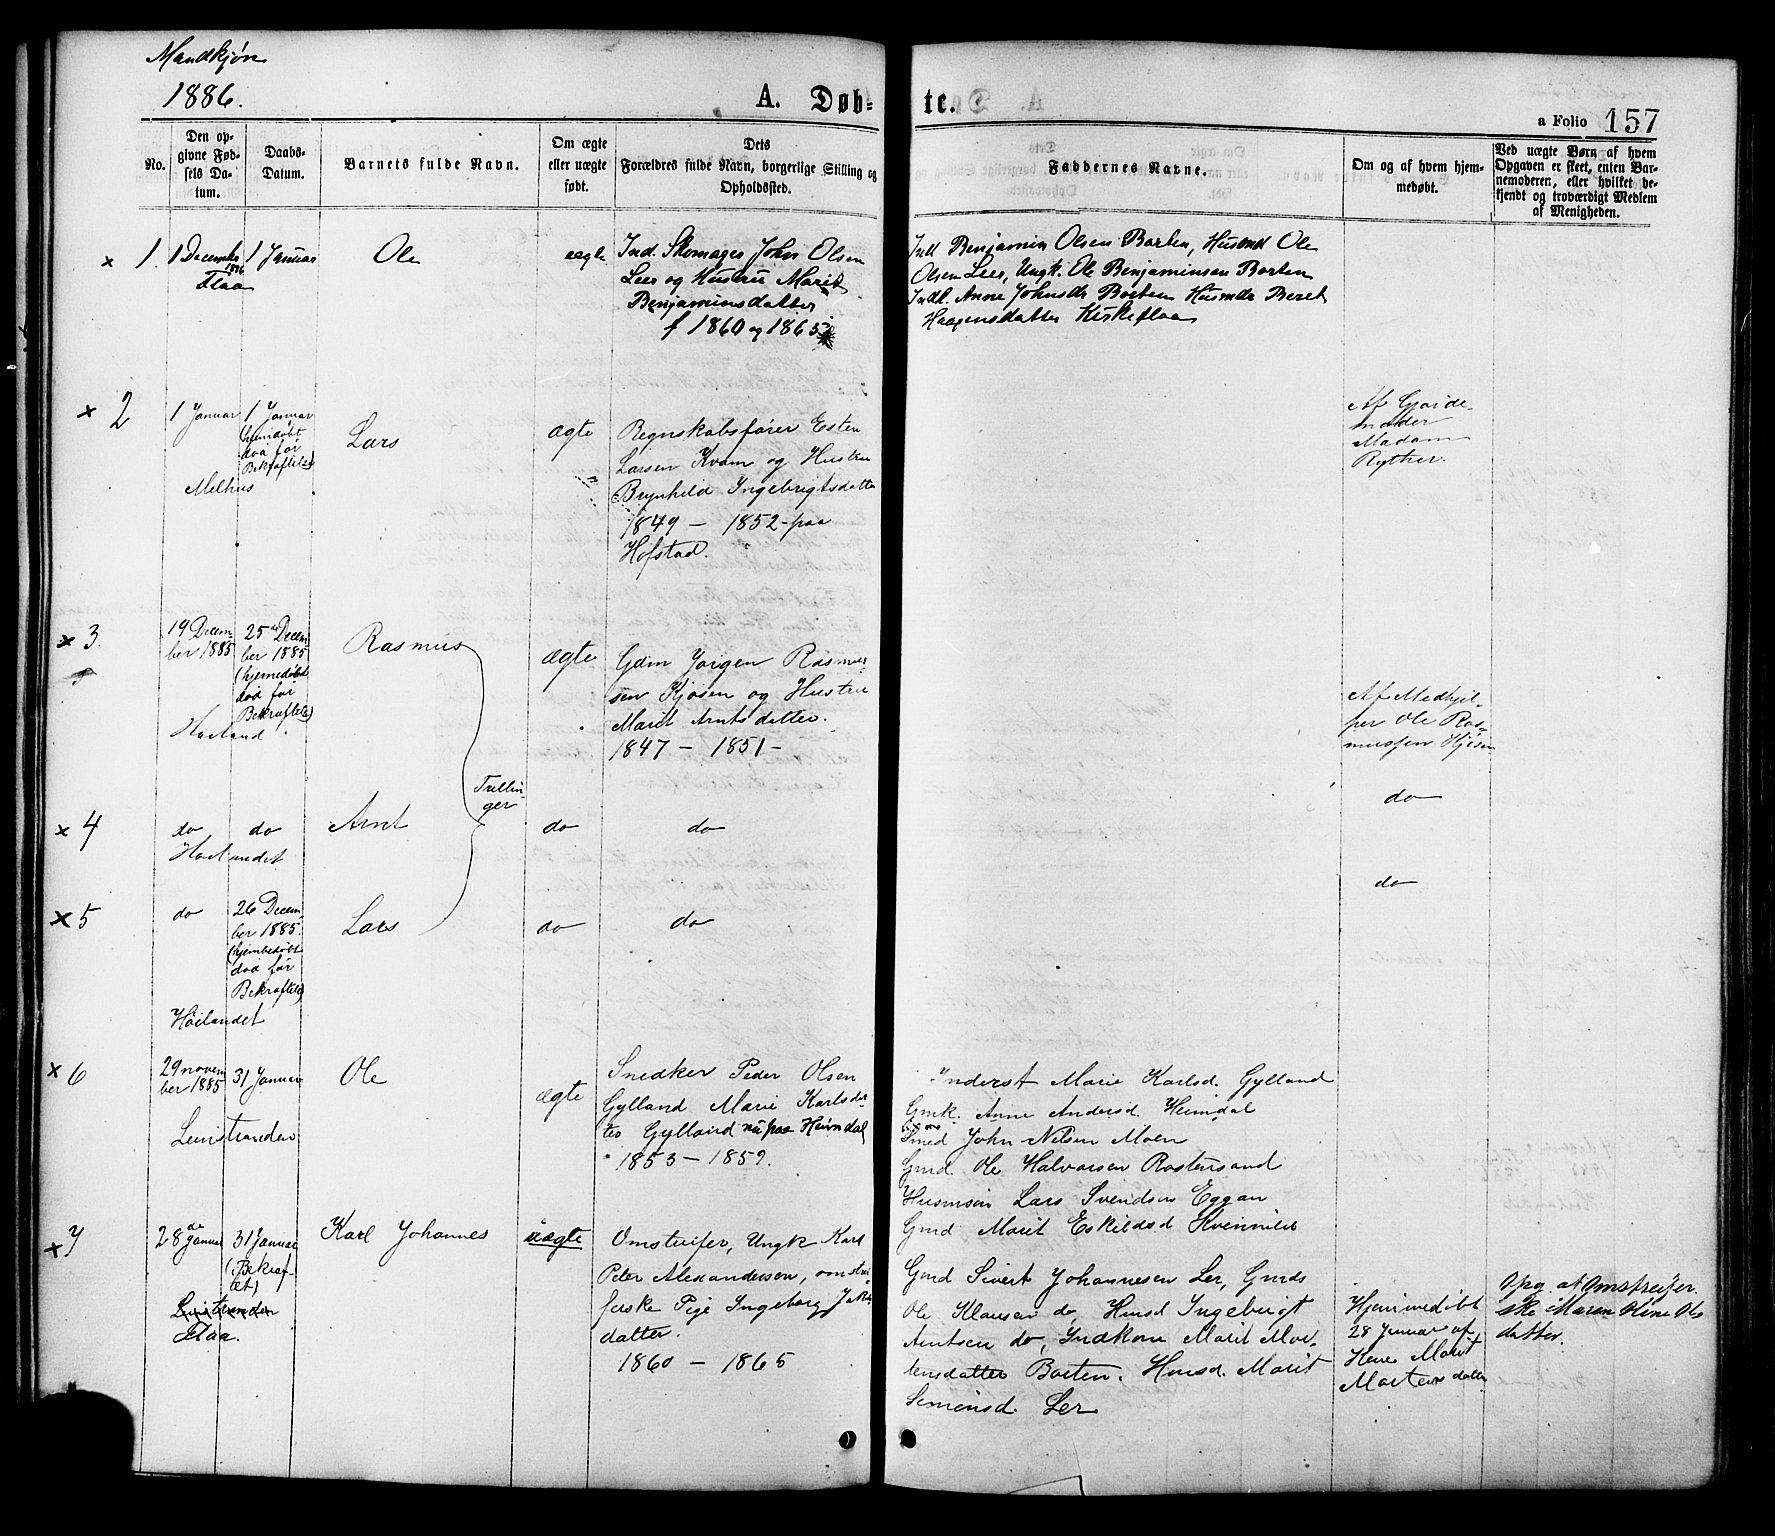 SAT, Ministerialprotokoller, klokkerbøker og fødselsregistre - Sør-Trøndelag, 691/L1079: Ministerialbok nr. 691A11, 1873-1886, s. 157